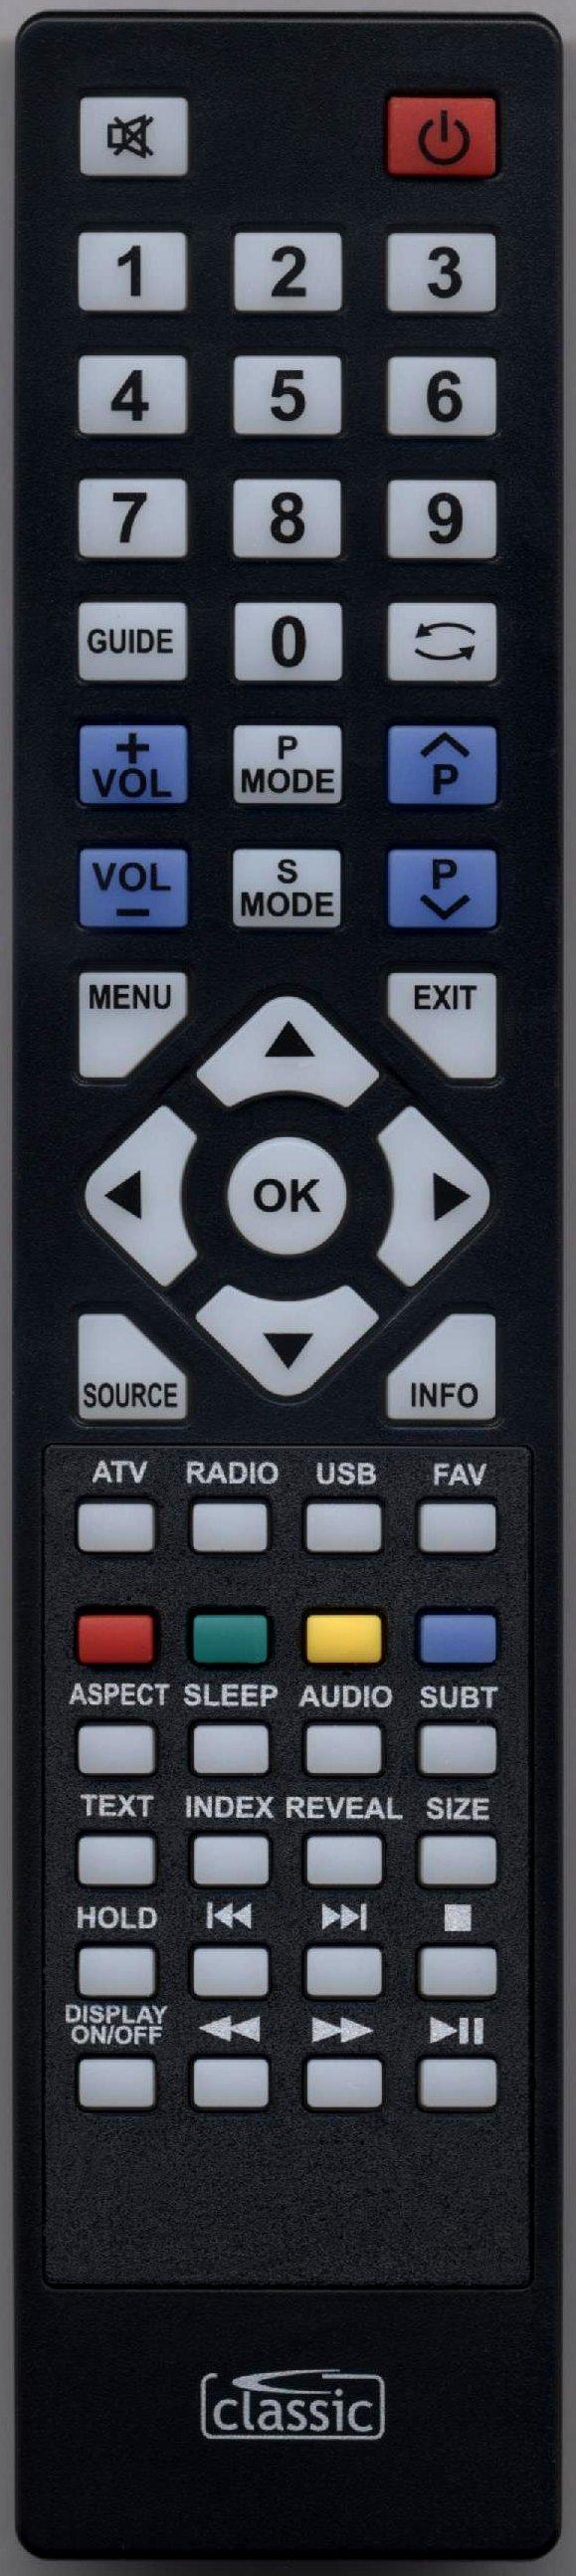 TECHNIKA 19-248 Remote Control